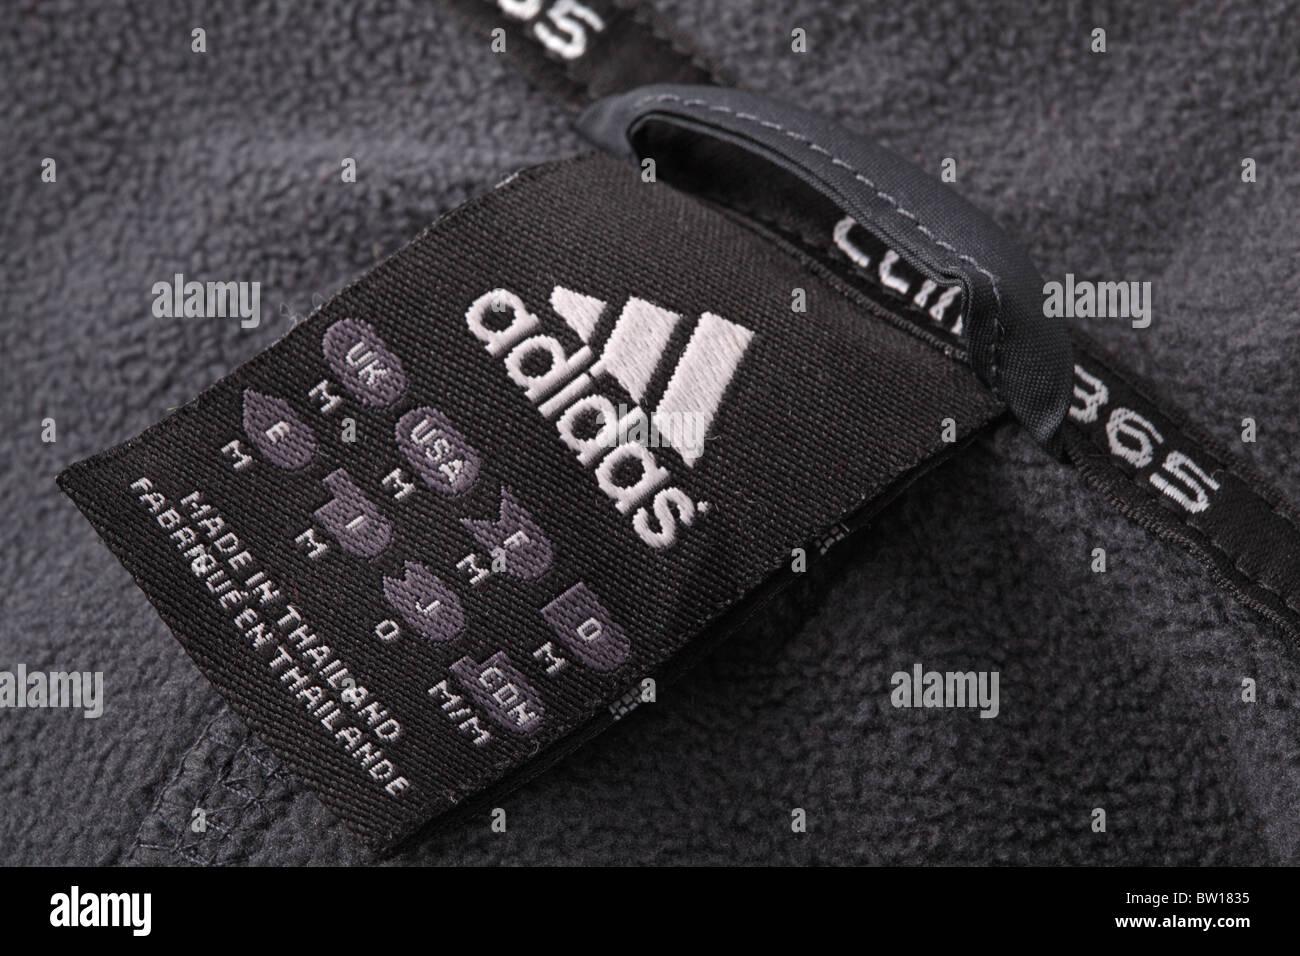 Poco Adidas Etichetta Logo Dof Profondo Una Su Nera Giacca Foto 0dUqOUw